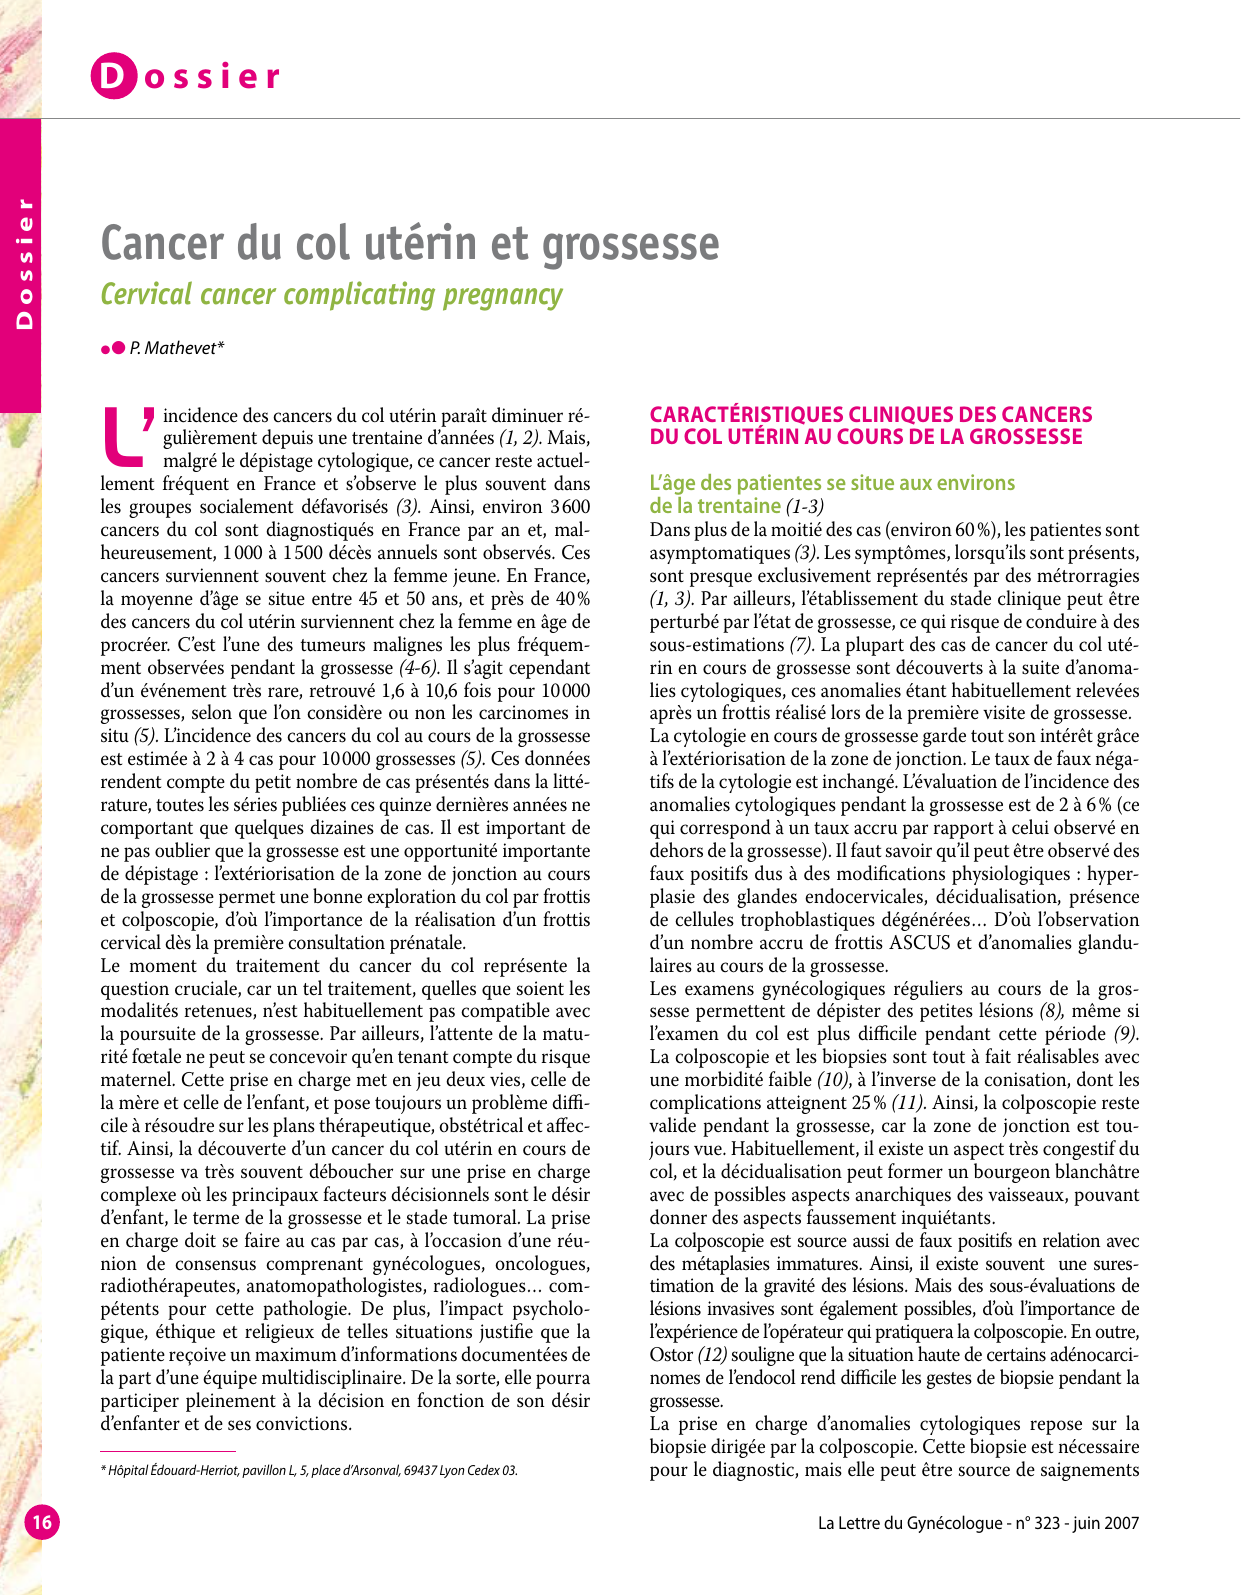 tratamiento natural para oxiuros papilloma virus e cin 3